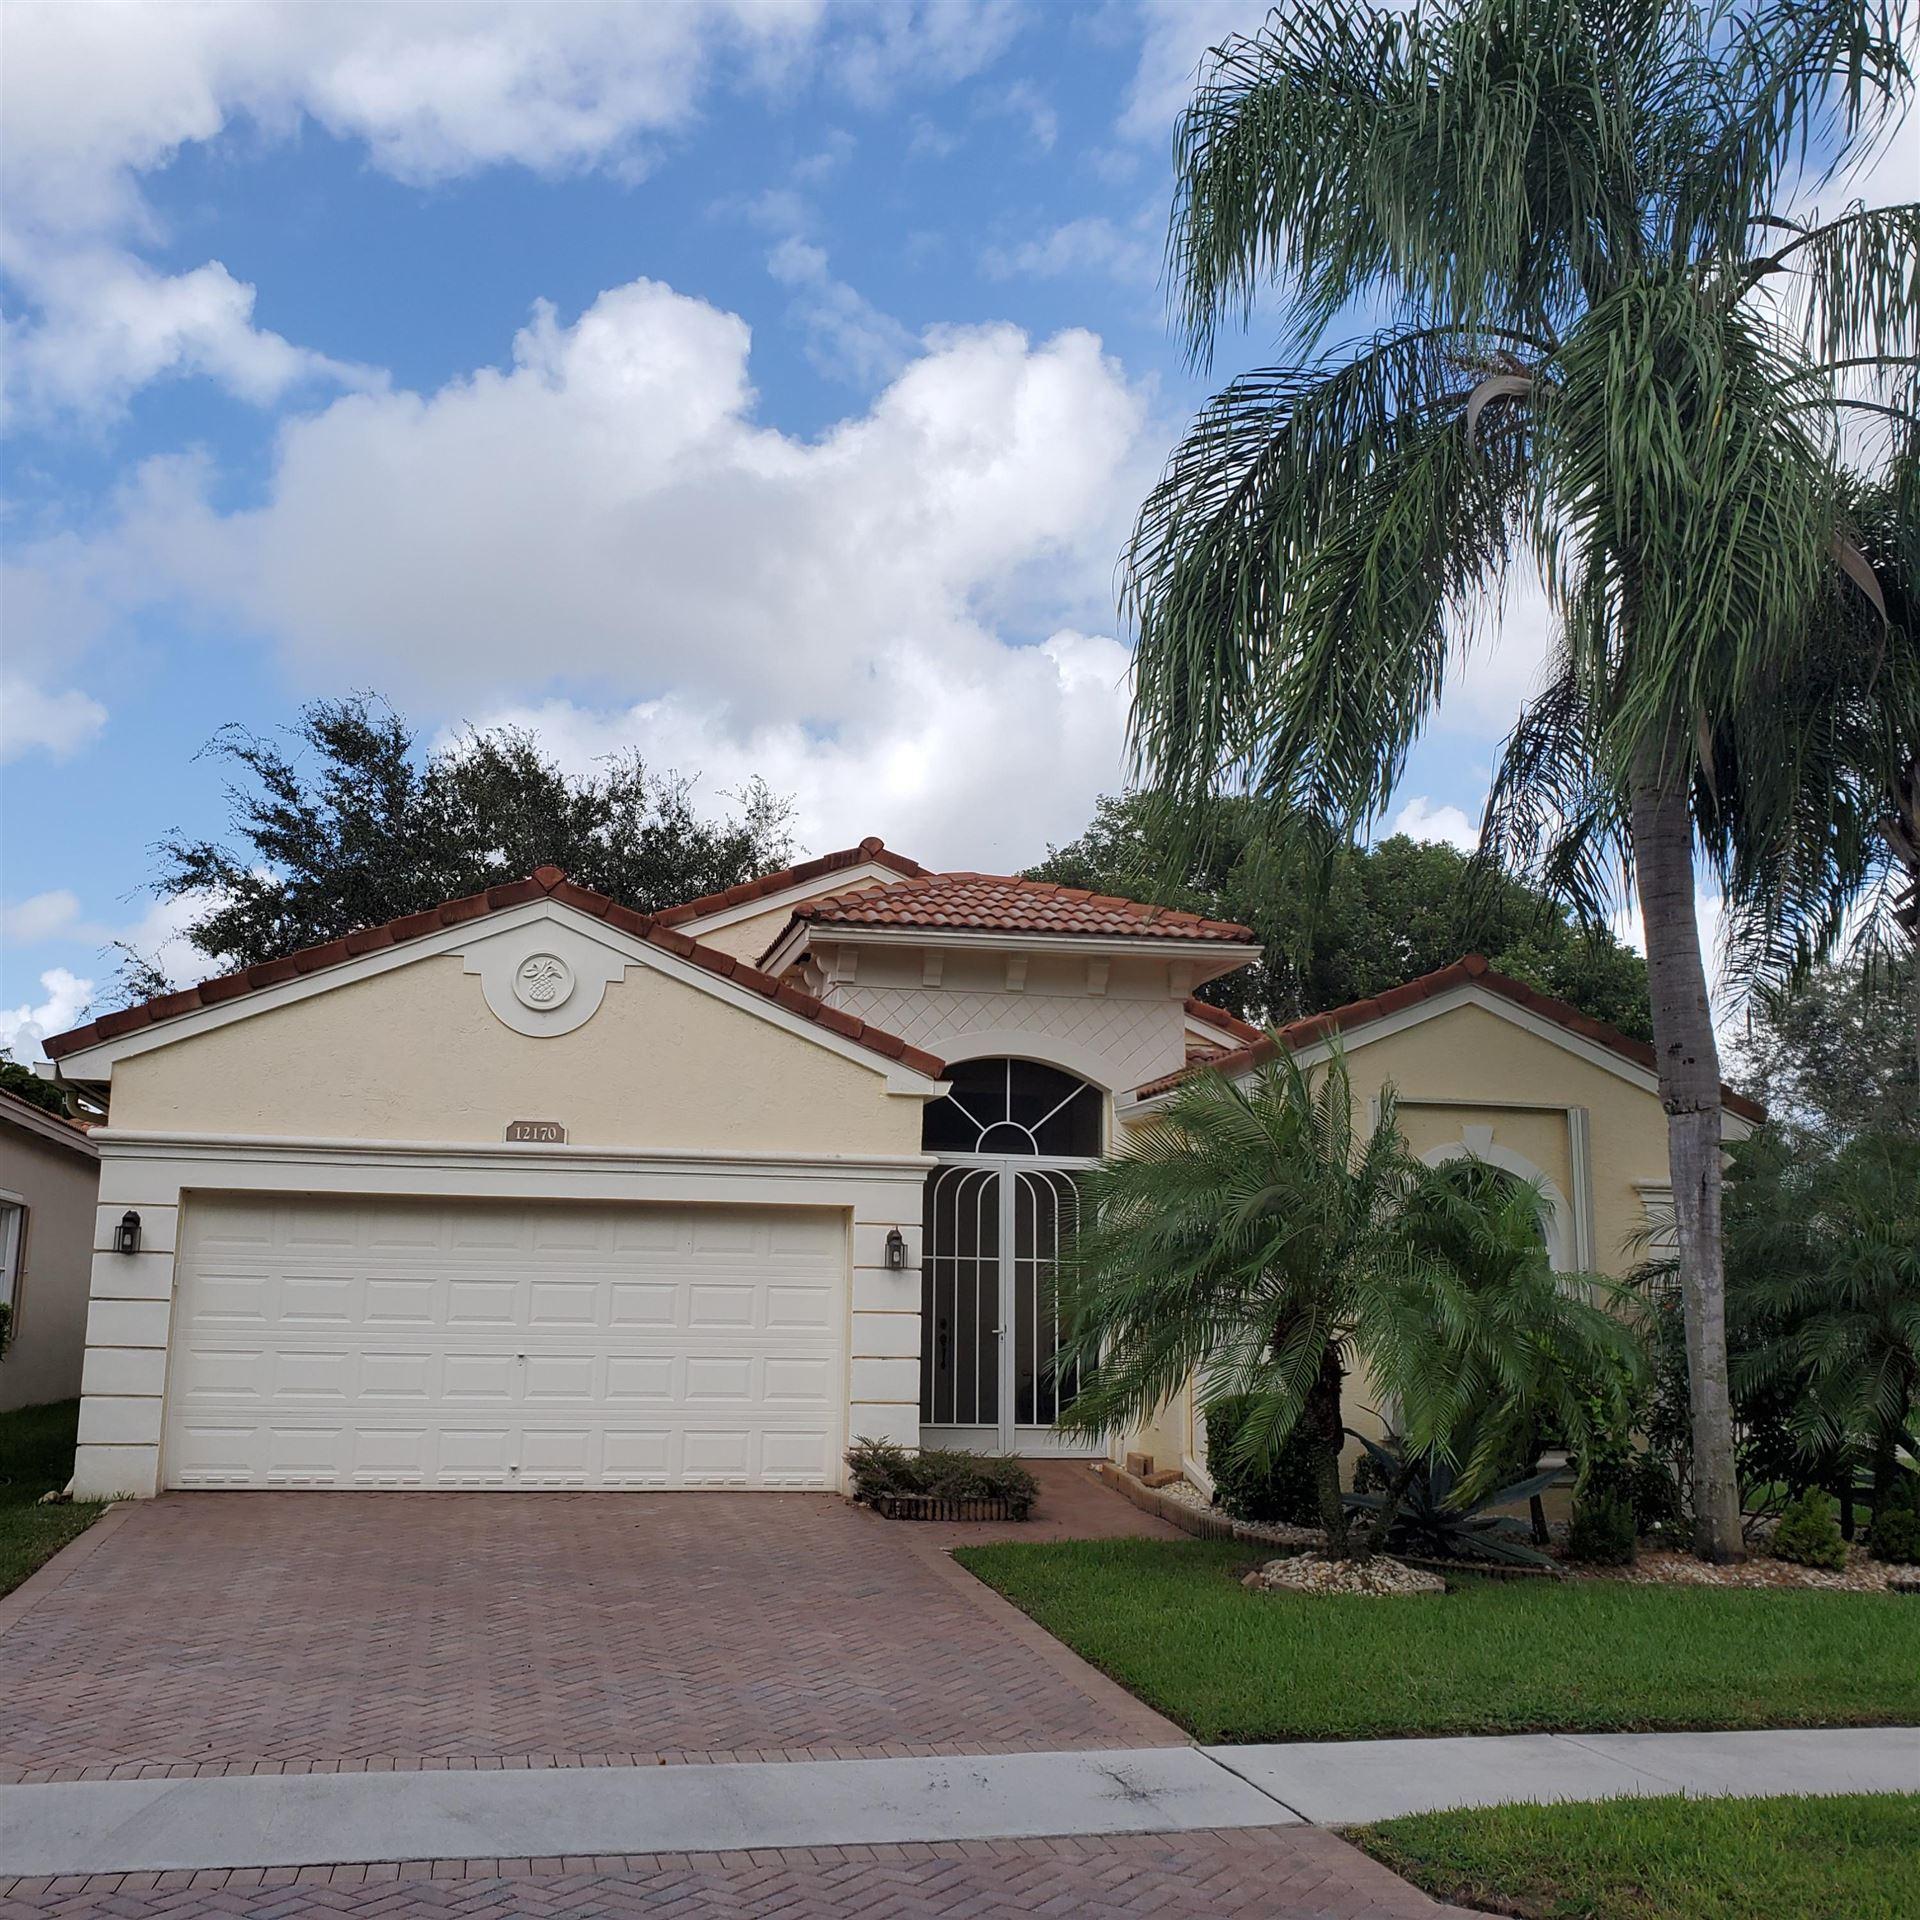 Photo of 12170 Blair Avenue, Boynton Beach, FL 33437 (MLS # RX-10667796)